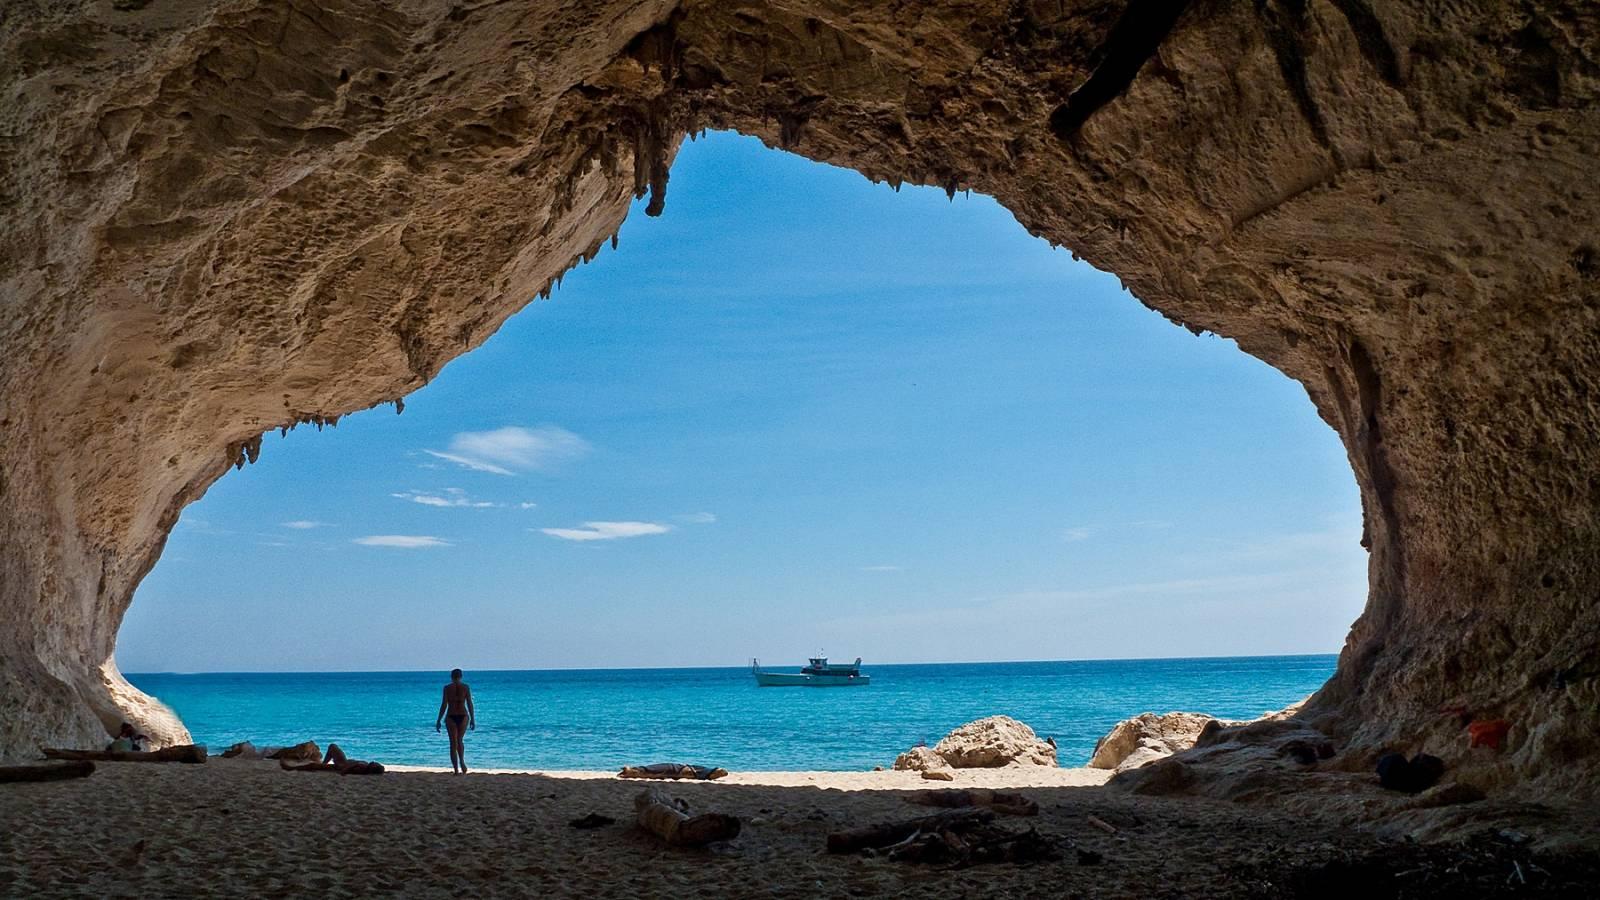 Le pi belle spiagge della sardegna orientale viaggiamo - Immagini del cardellino orientale ...